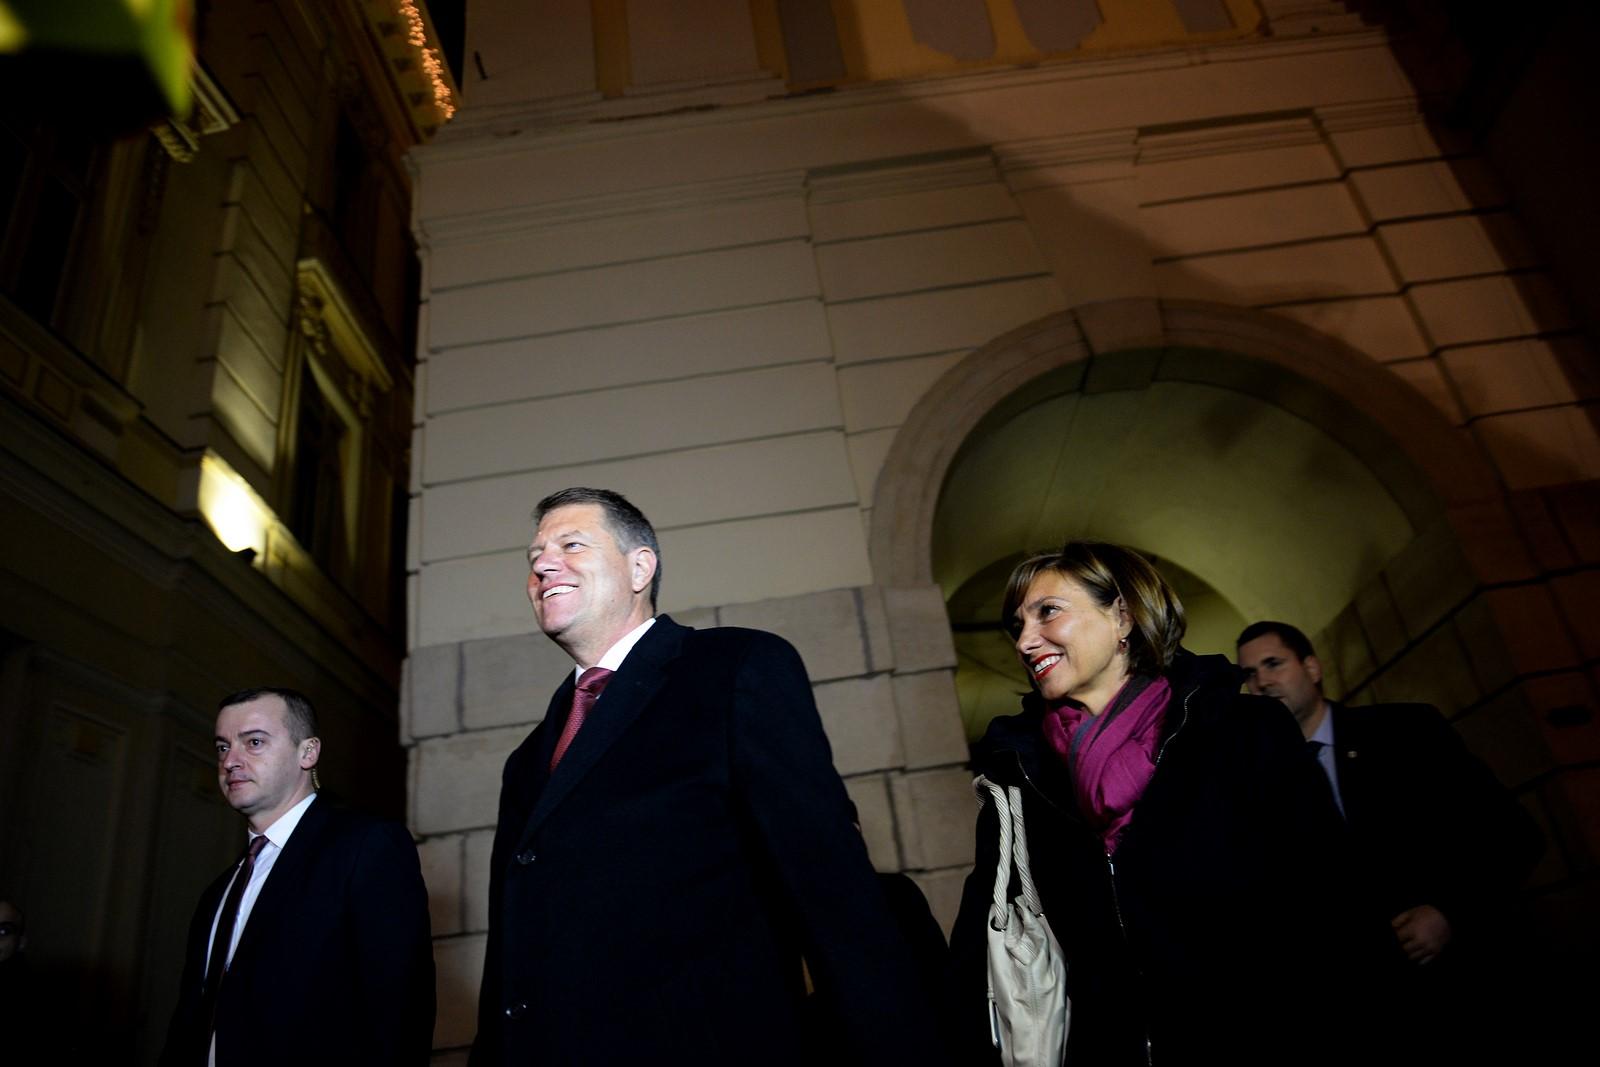 Președintele României petrece Paștile la Sibiu